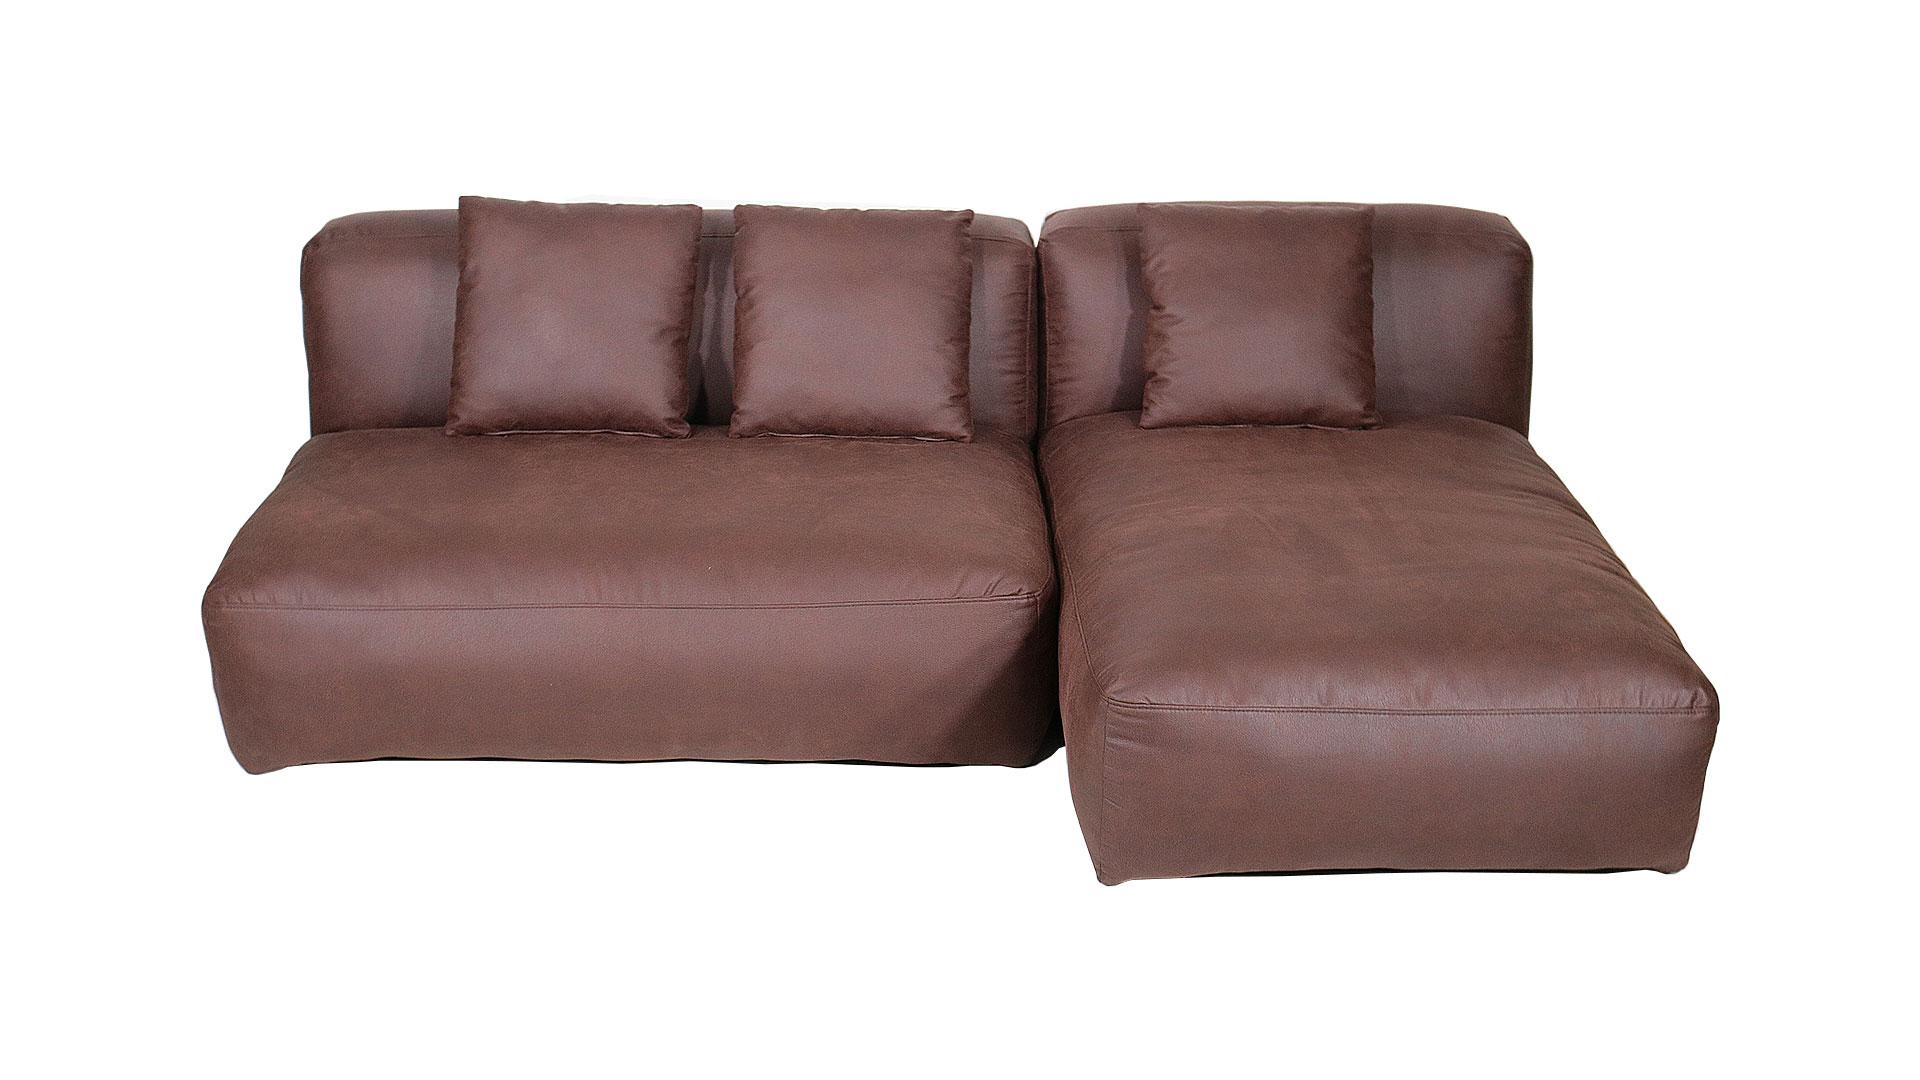 内田工芸のソファ、ブライトンのL字のカウチソファの画像